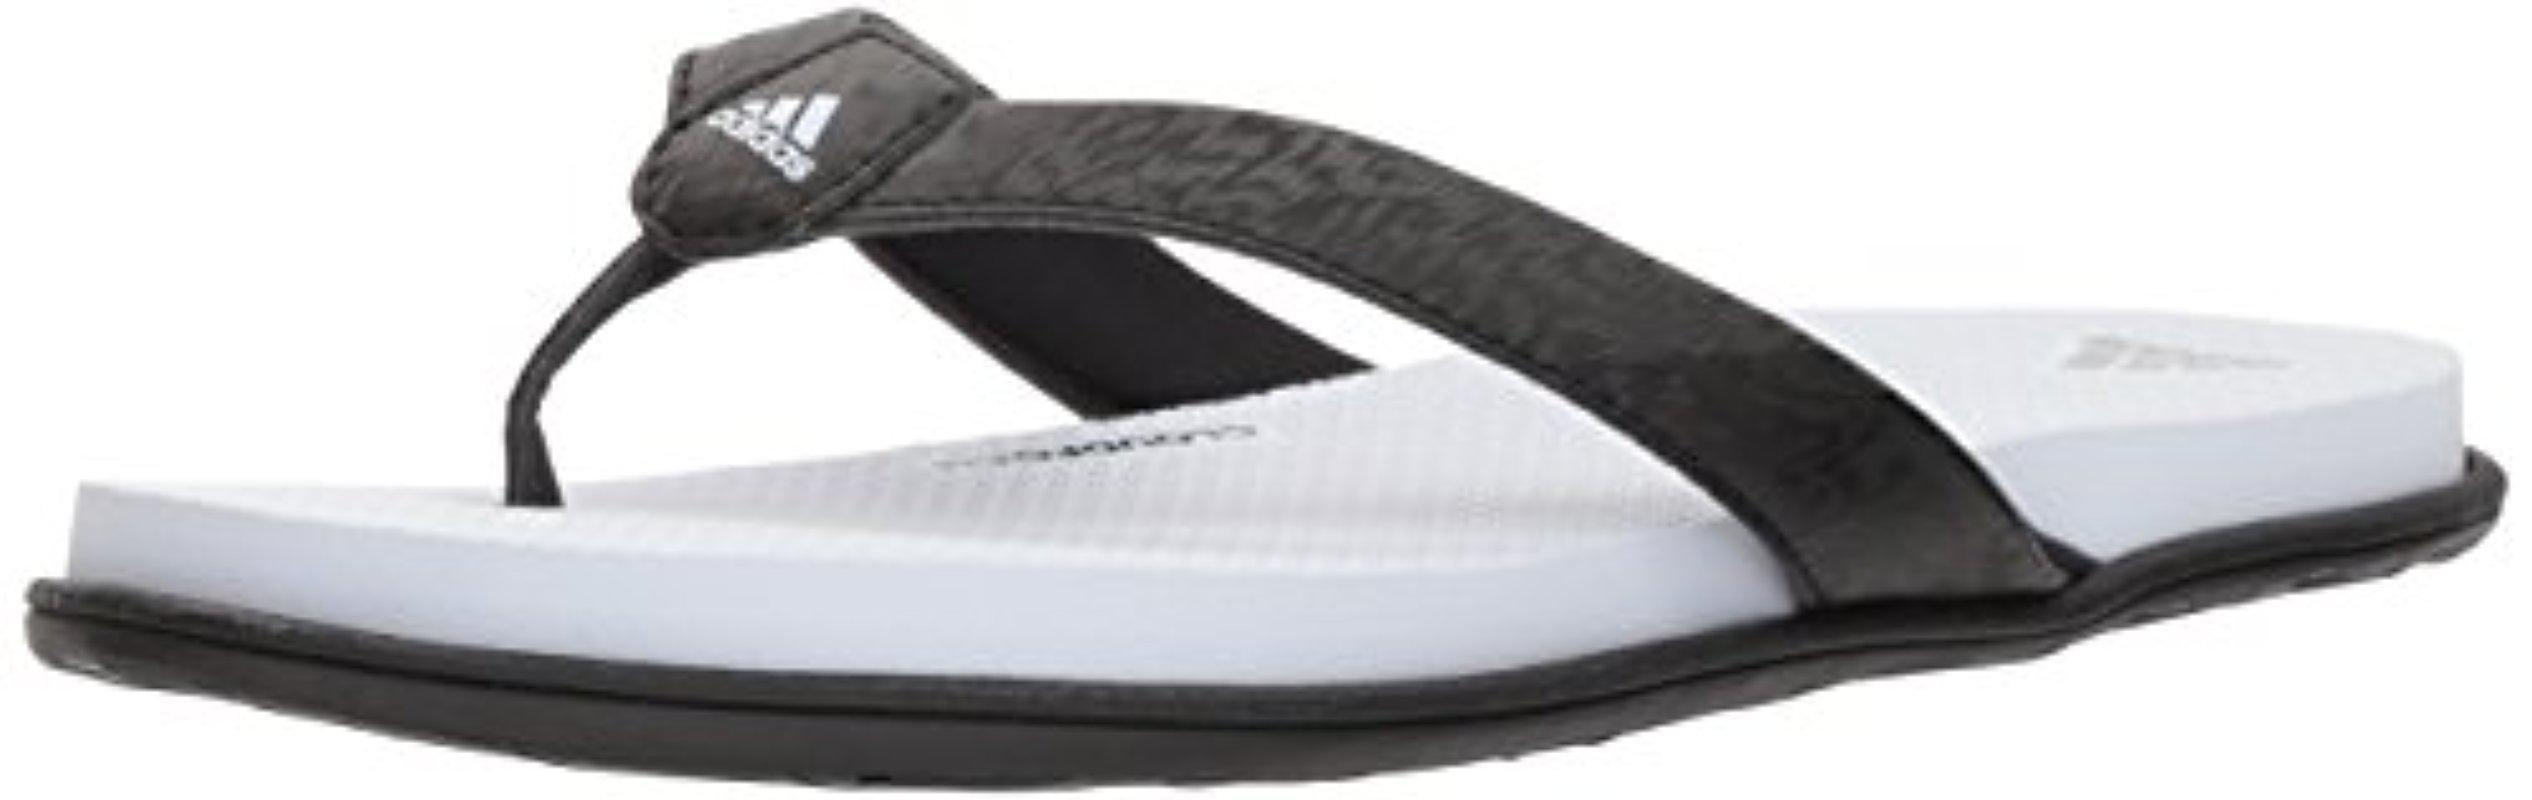 c8a2463268 adidas Cloudfoam One Y W Flip-flop in Black - Lyst